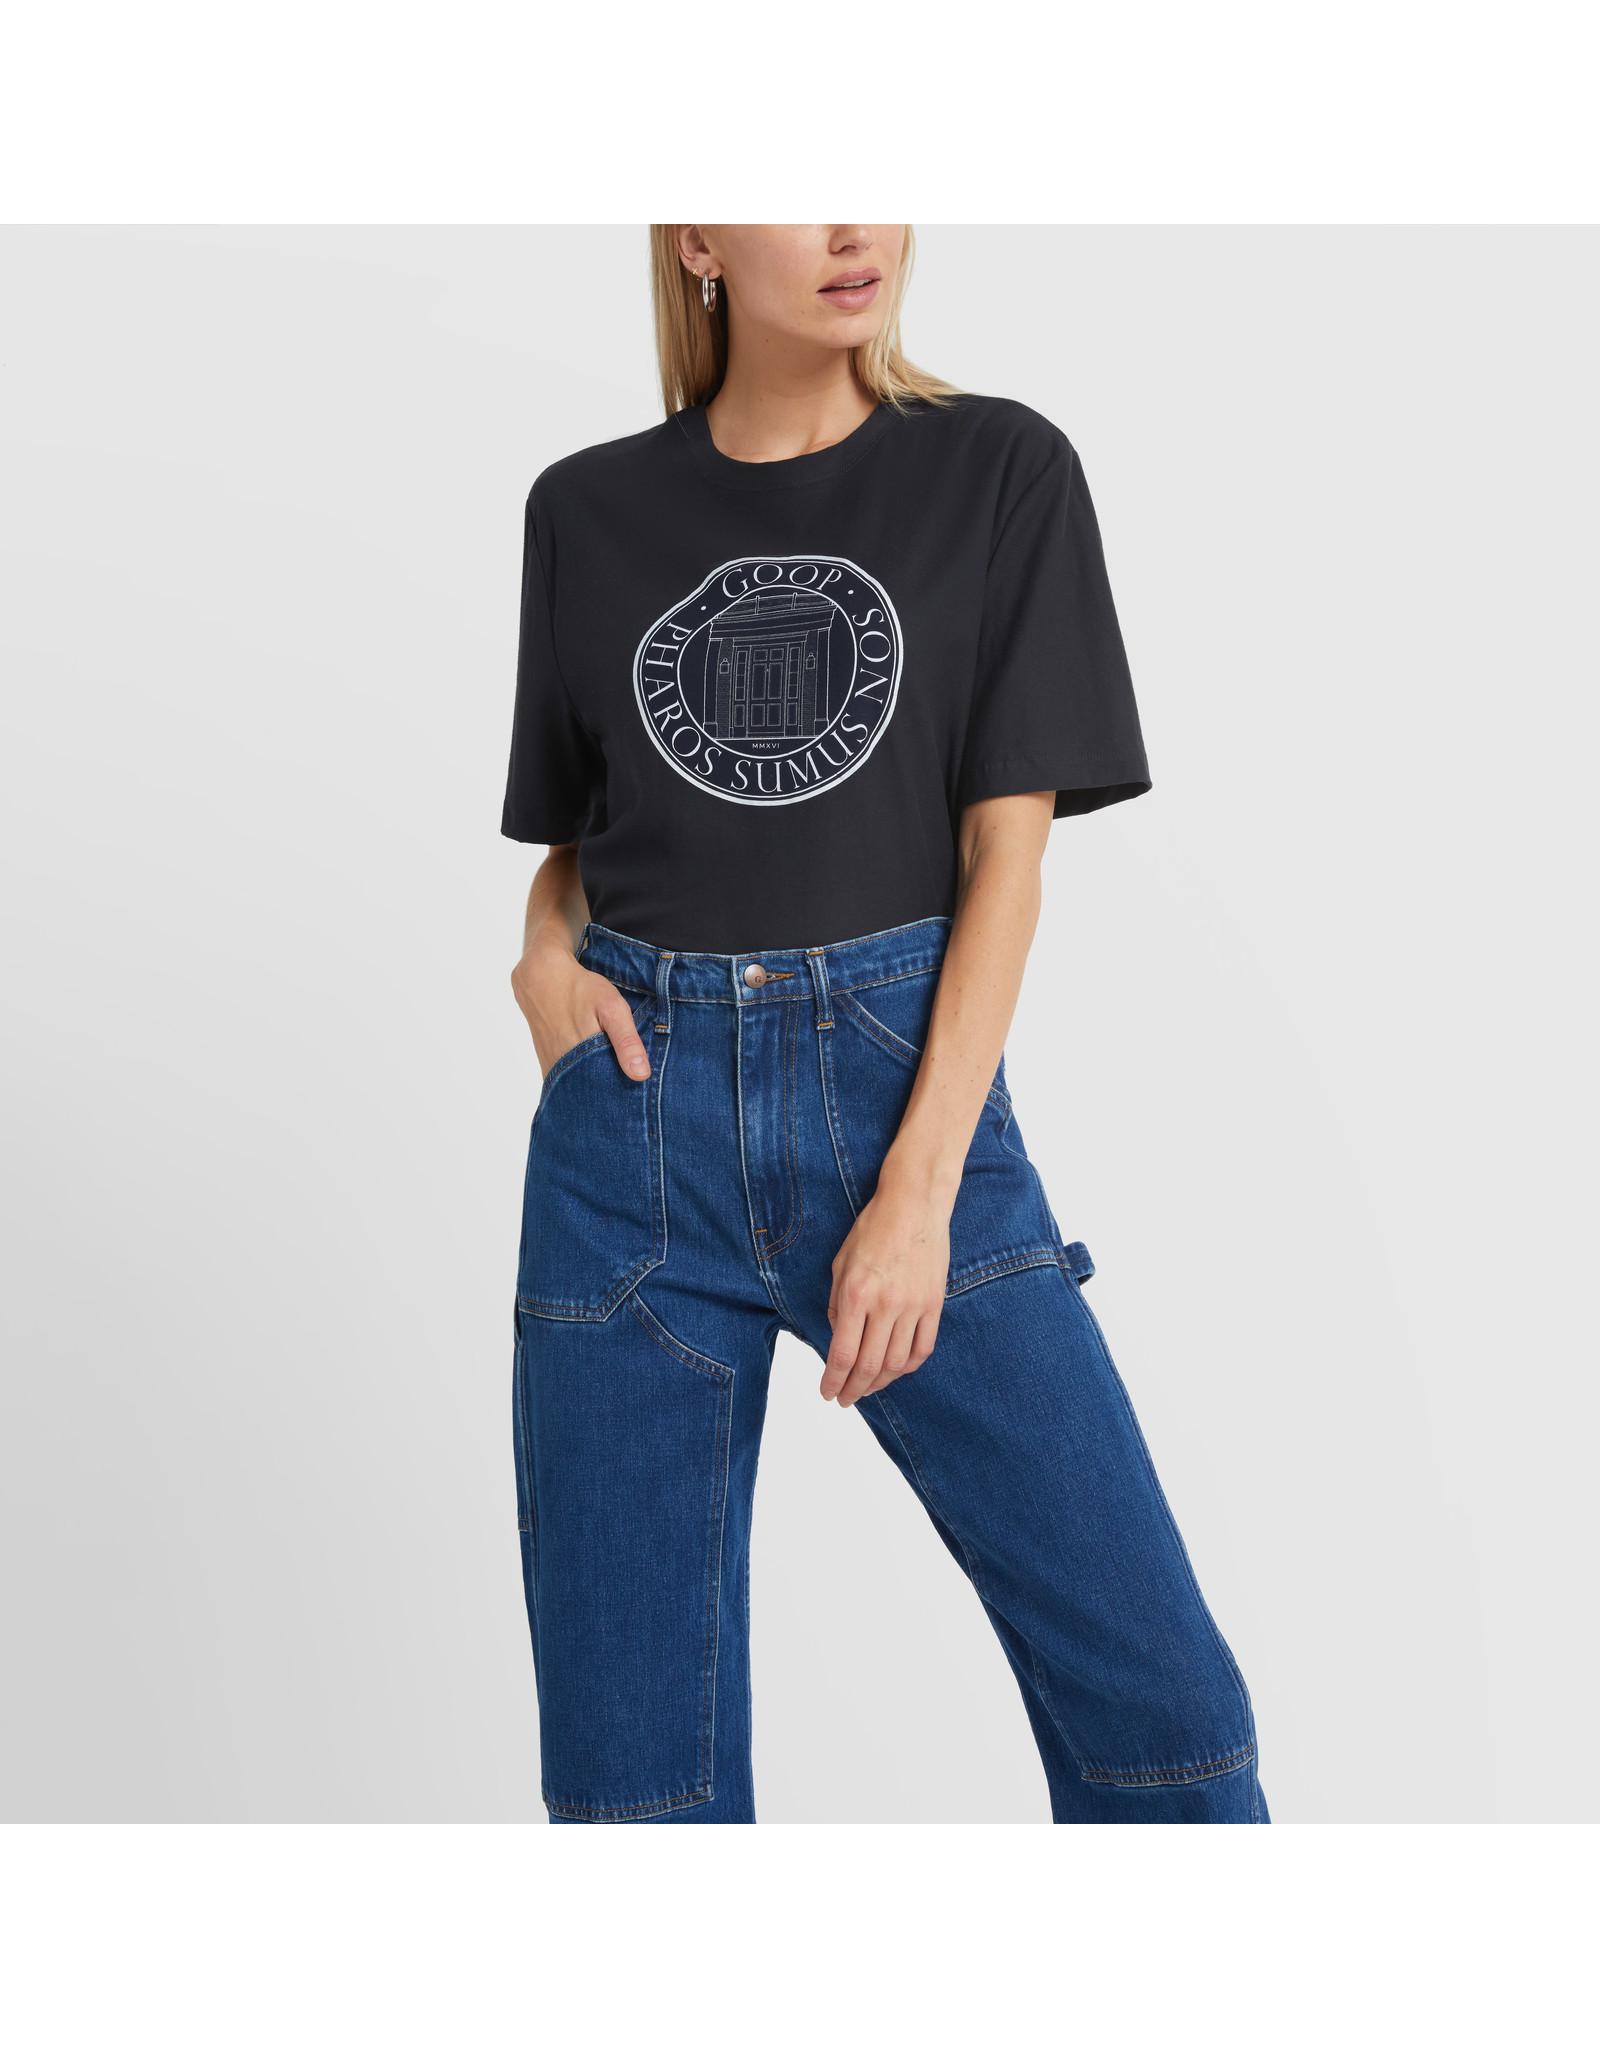 G. Label G. Label Goop University T-Shirt (Color: Navy, Size: XL)